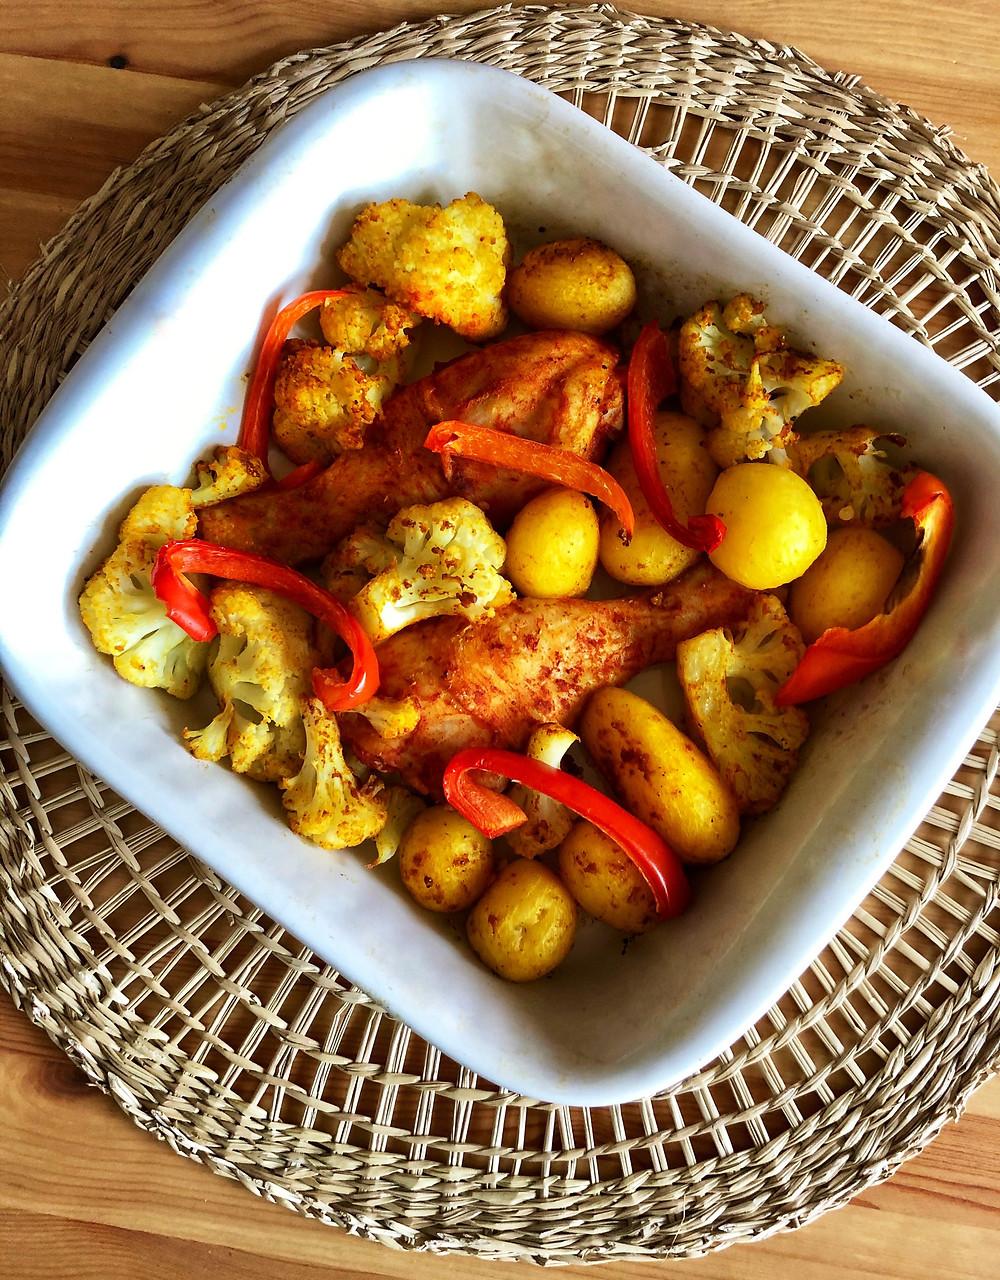 Blondieskeuken, Blondies Keuken, Sam de Roos, toegankelijke recepten, makkelijke recepten, recepten, lekkere recepten, Gegrilde bloemkool, gegrilde kippenpoten, bloemkoop met ras el hanout, aardappelen groenten vlees met een twist, AVG met een twist, oma's recept, krieltjes, recept ovenschotel, recept met Ras el Hanout